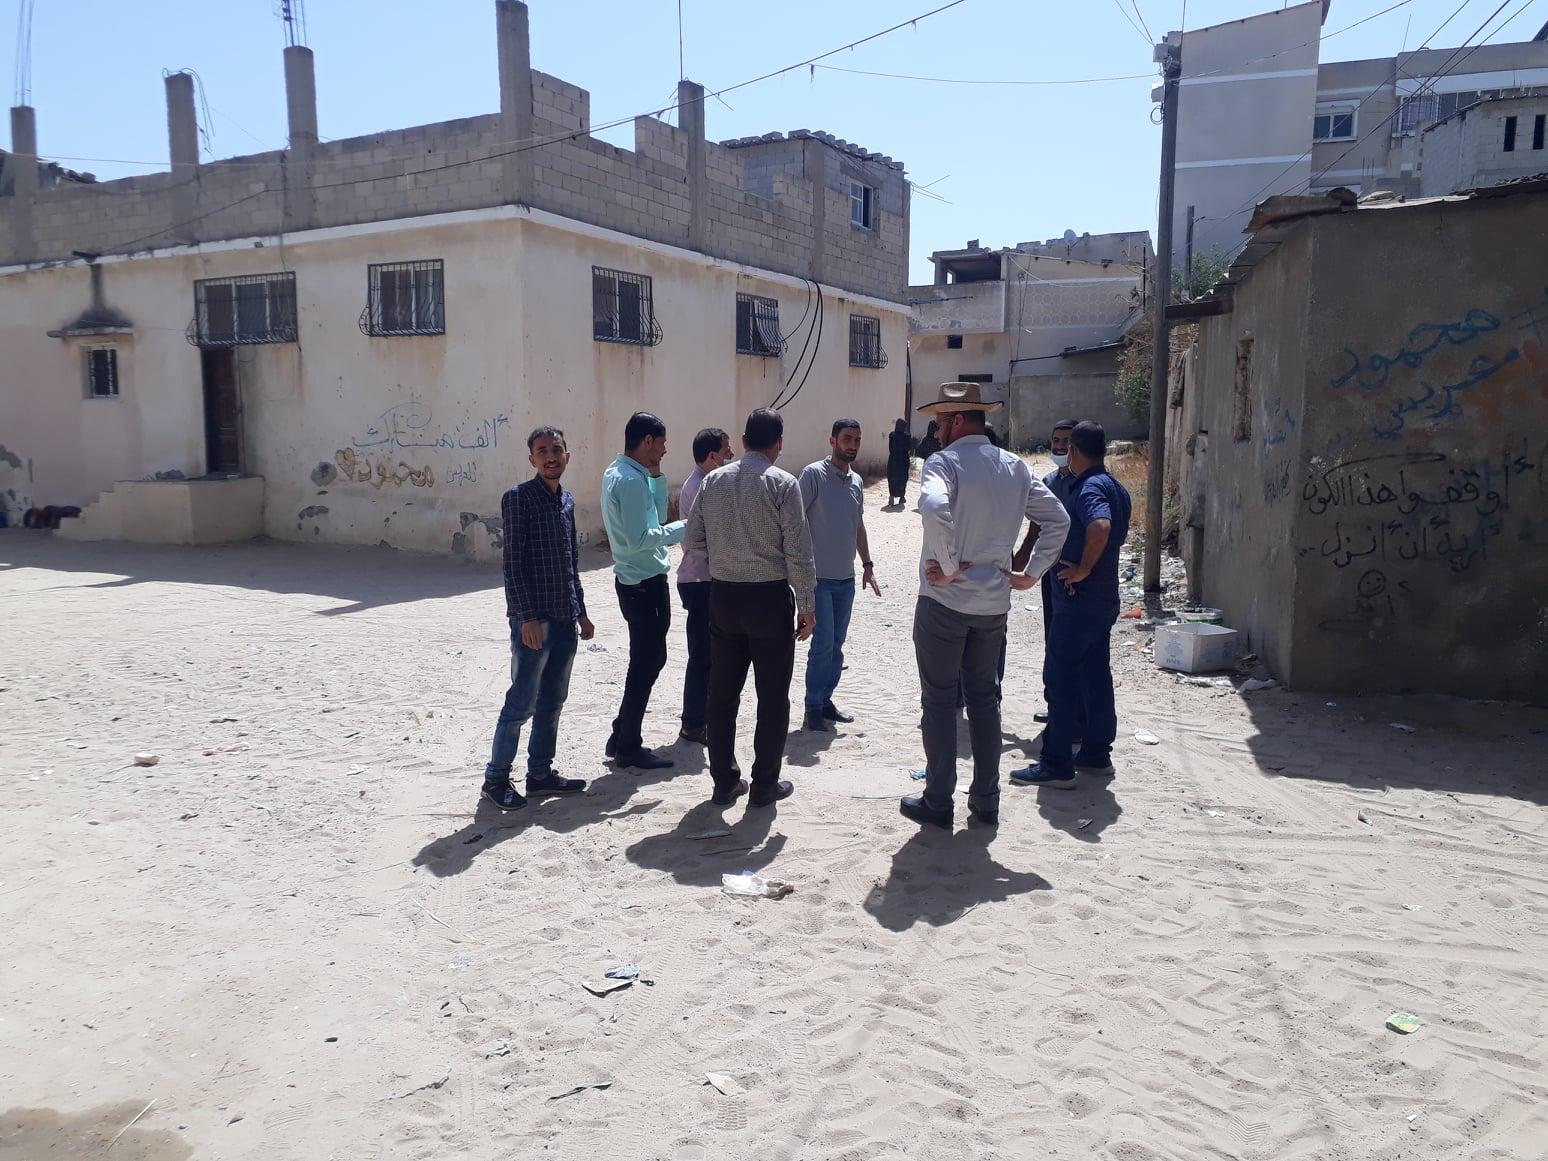 بلدية دير البلح تعقد اجتماعاً تمهيدياً للمقاولين لمشروع تبليط شوارع متفرقة بدير البلح